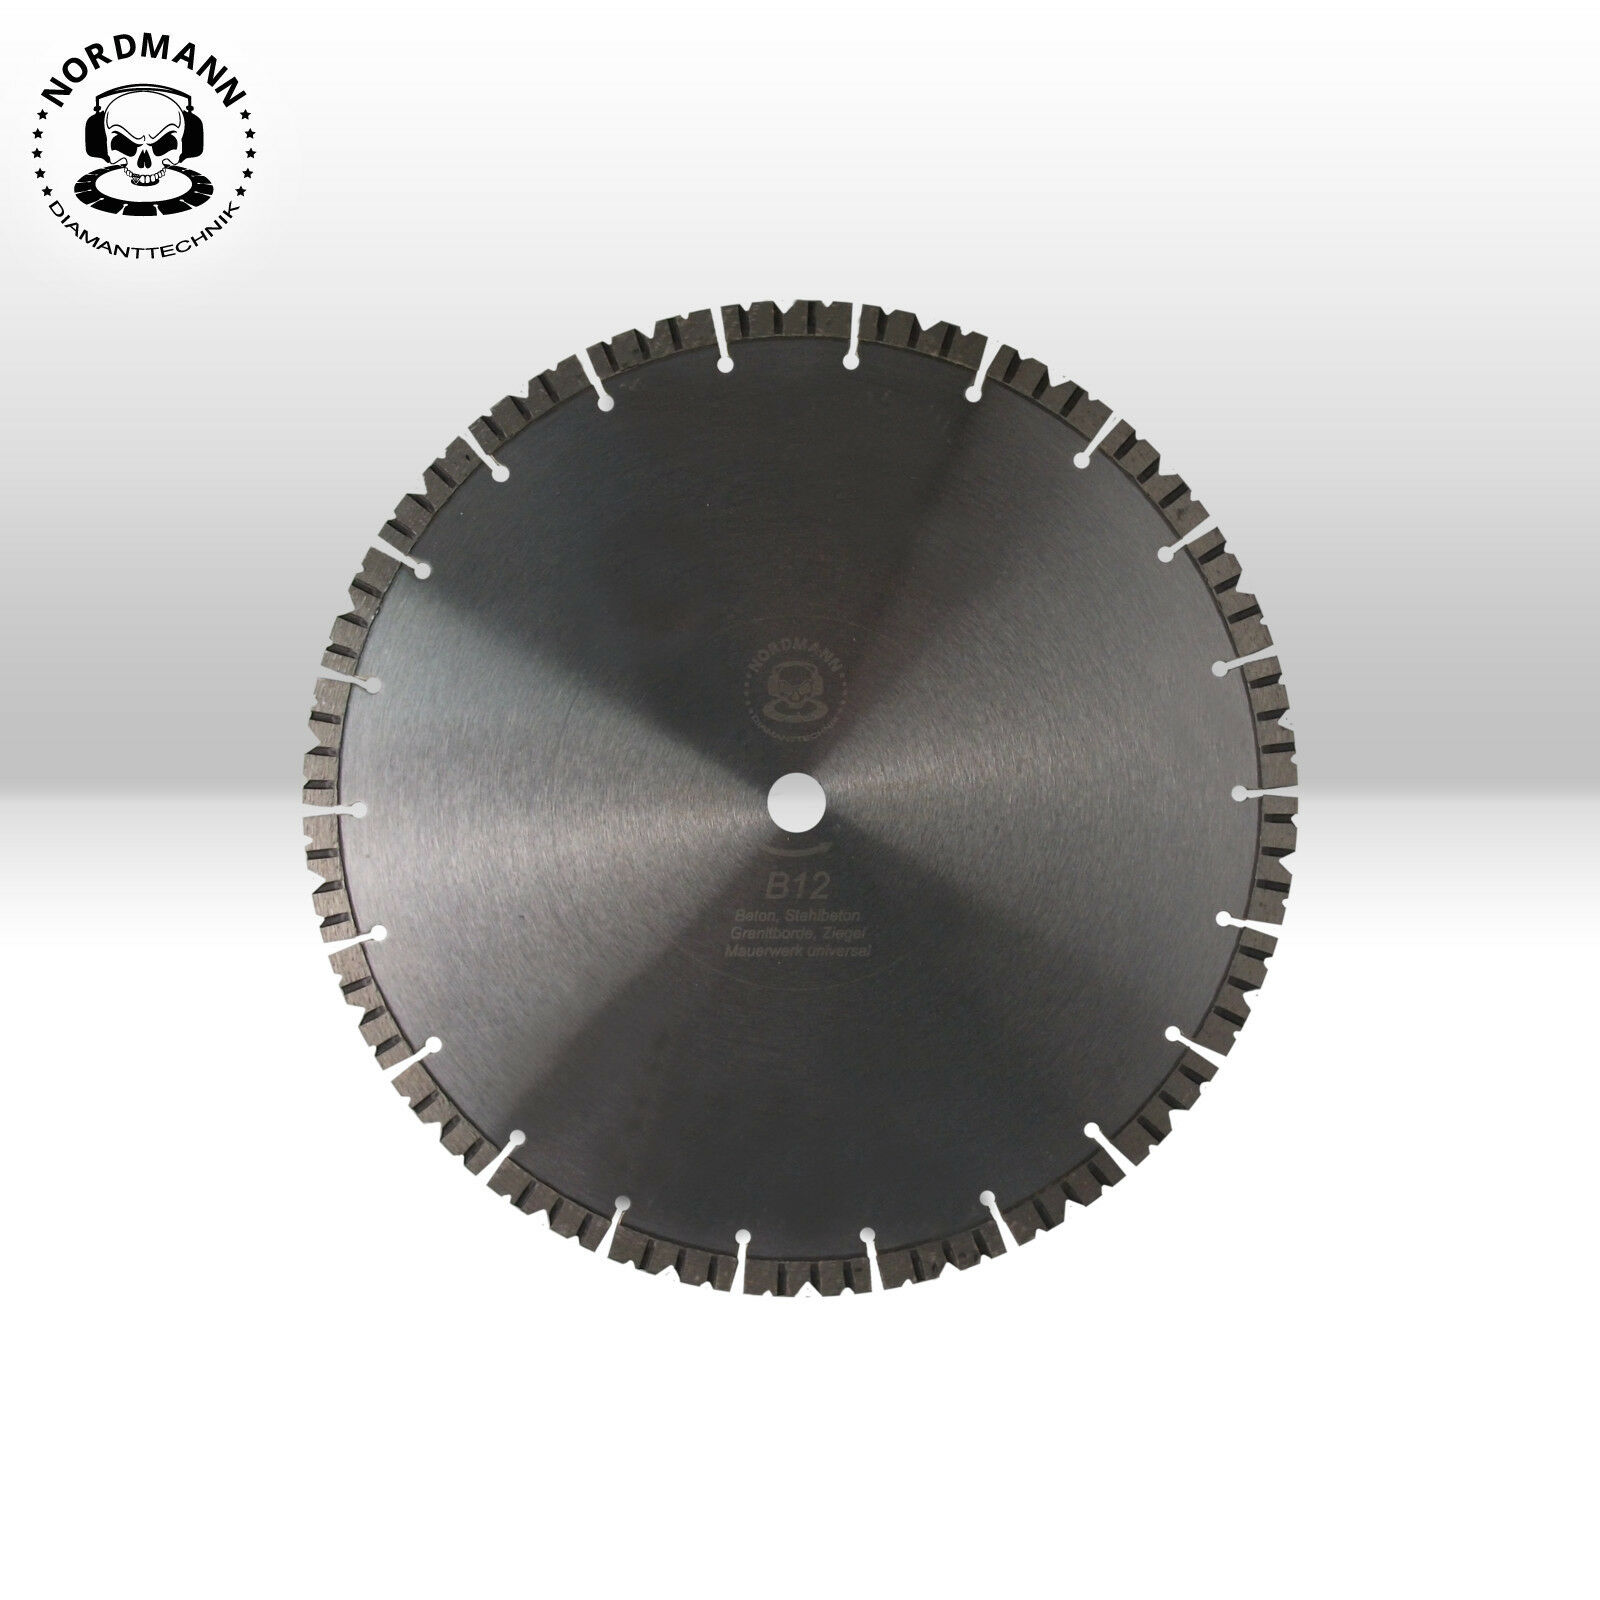 1 Stück Diamant-Trennscheibe Diamantscheibe Ø 350 x25,4 NORDMANN N10 Turbo Beton